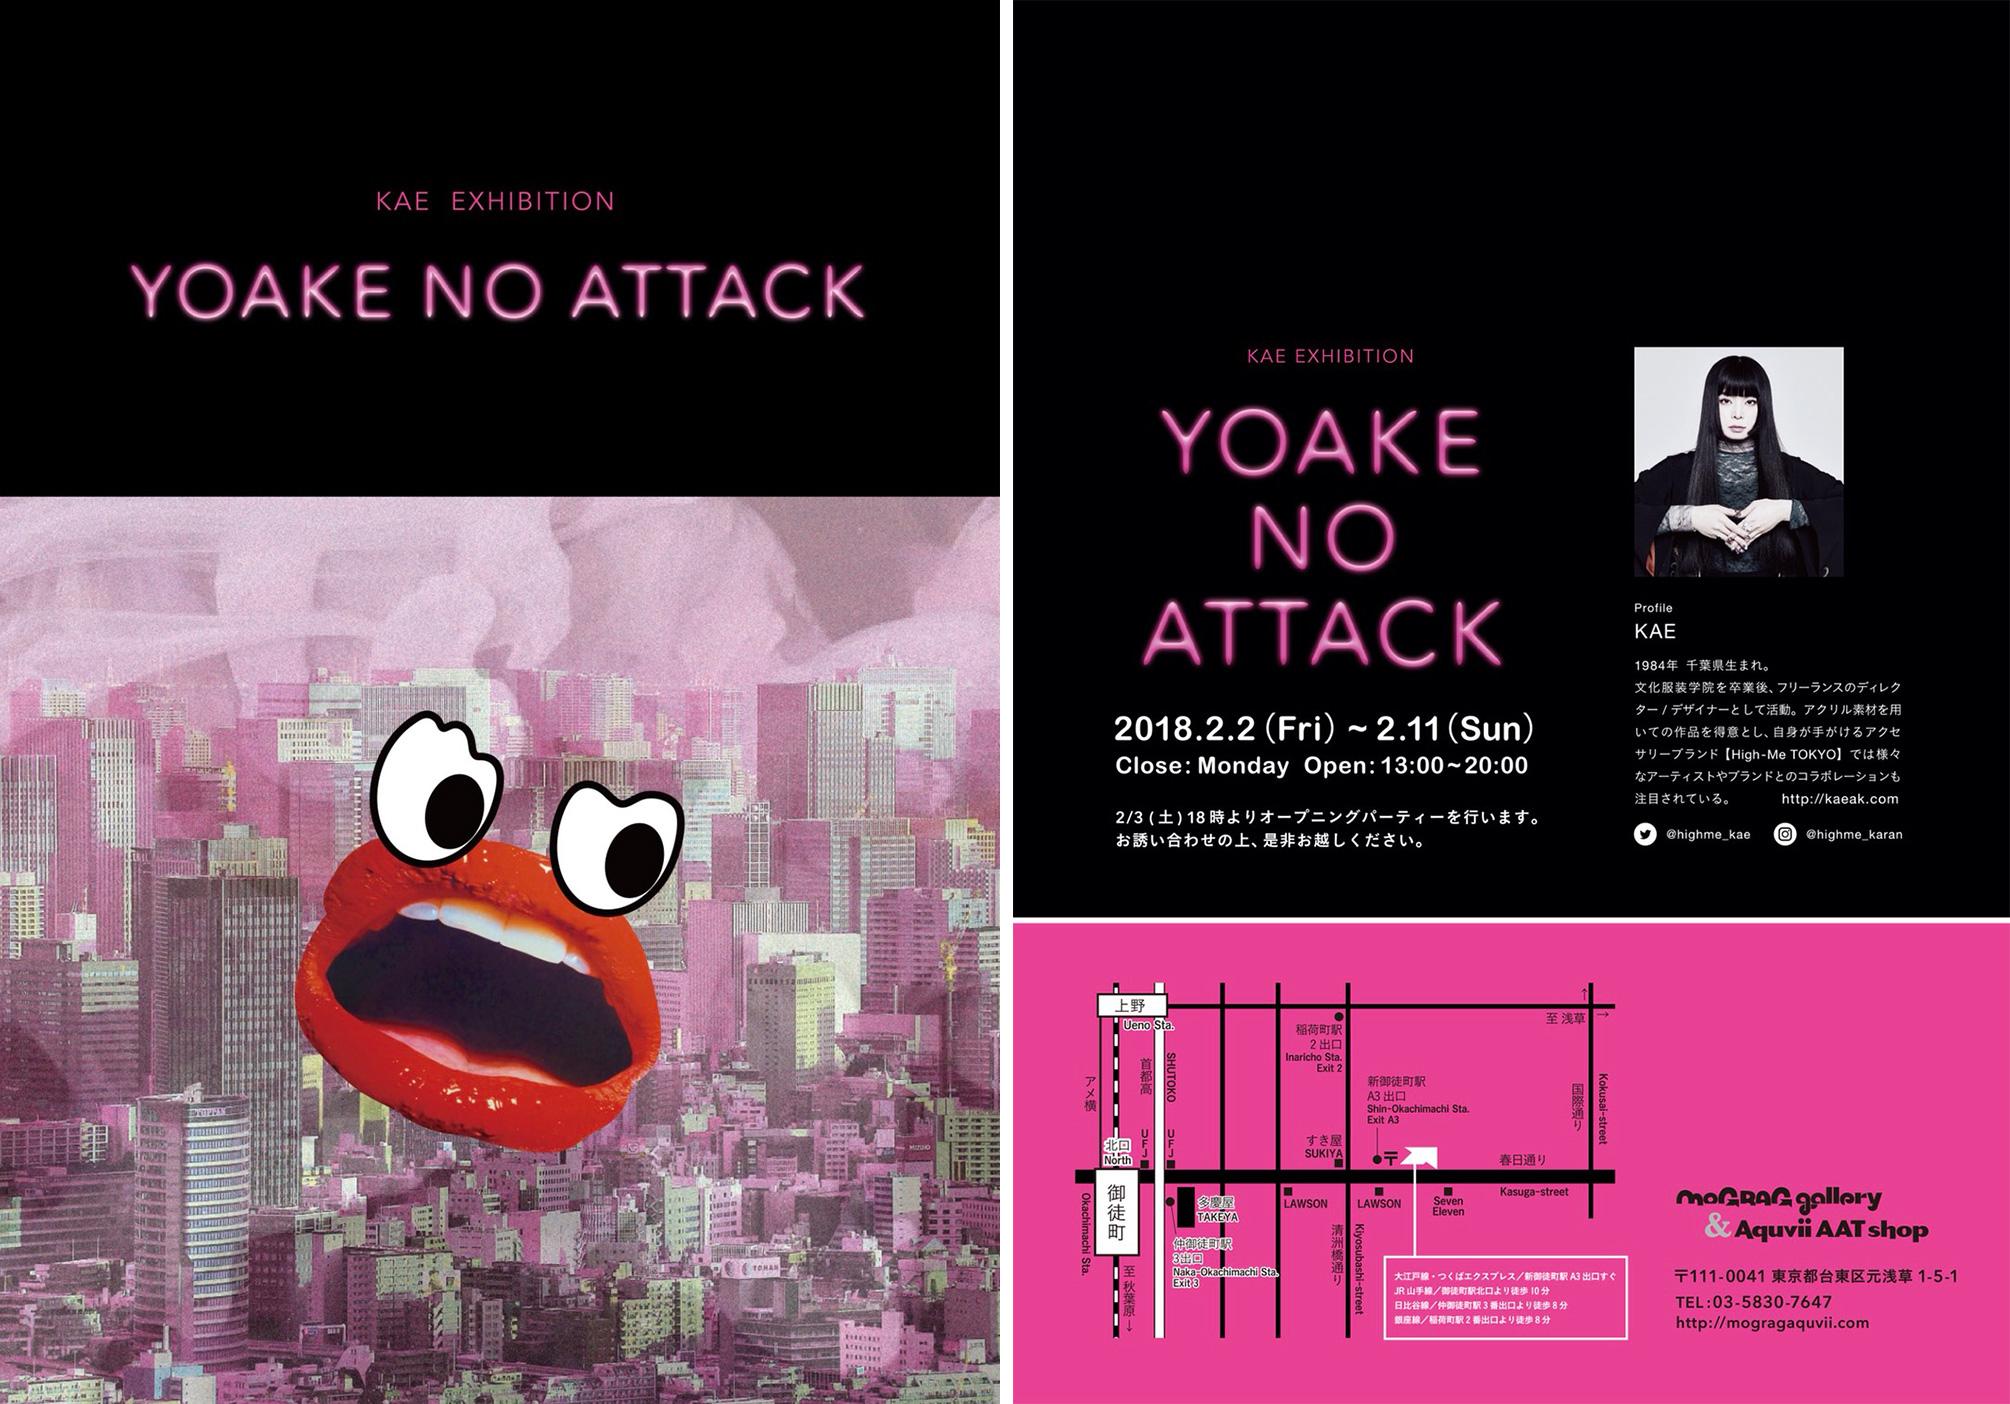 アクセサリーブランド【High-Me TOKYO】ディレクターKAEによる初個展を開催